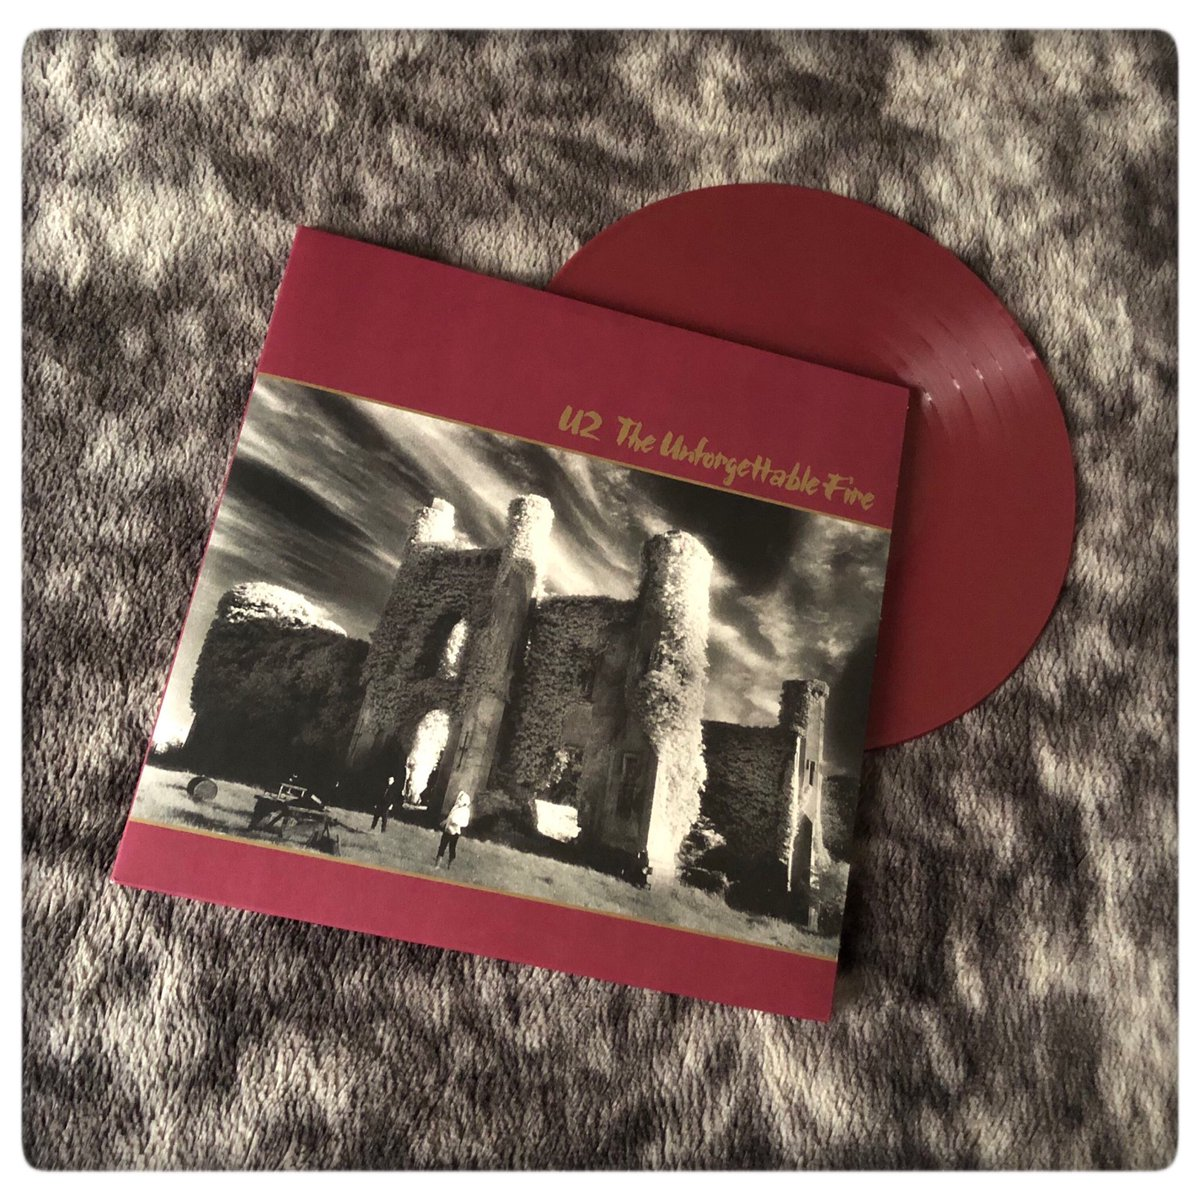 U2 - The Unforgettable Fire - 1984  #u2 #theunforgettablefire #theunforgettablefirevinyl #vinyl #burgundyvinyl #coloredvinyl #colouredvinyl #vinylcollection #myvinylcollection #ilovevinyl #music #ilovemusic #u2vinyl #vinyloftheday #1984pic.twitter.com/qi6wB43lsJ